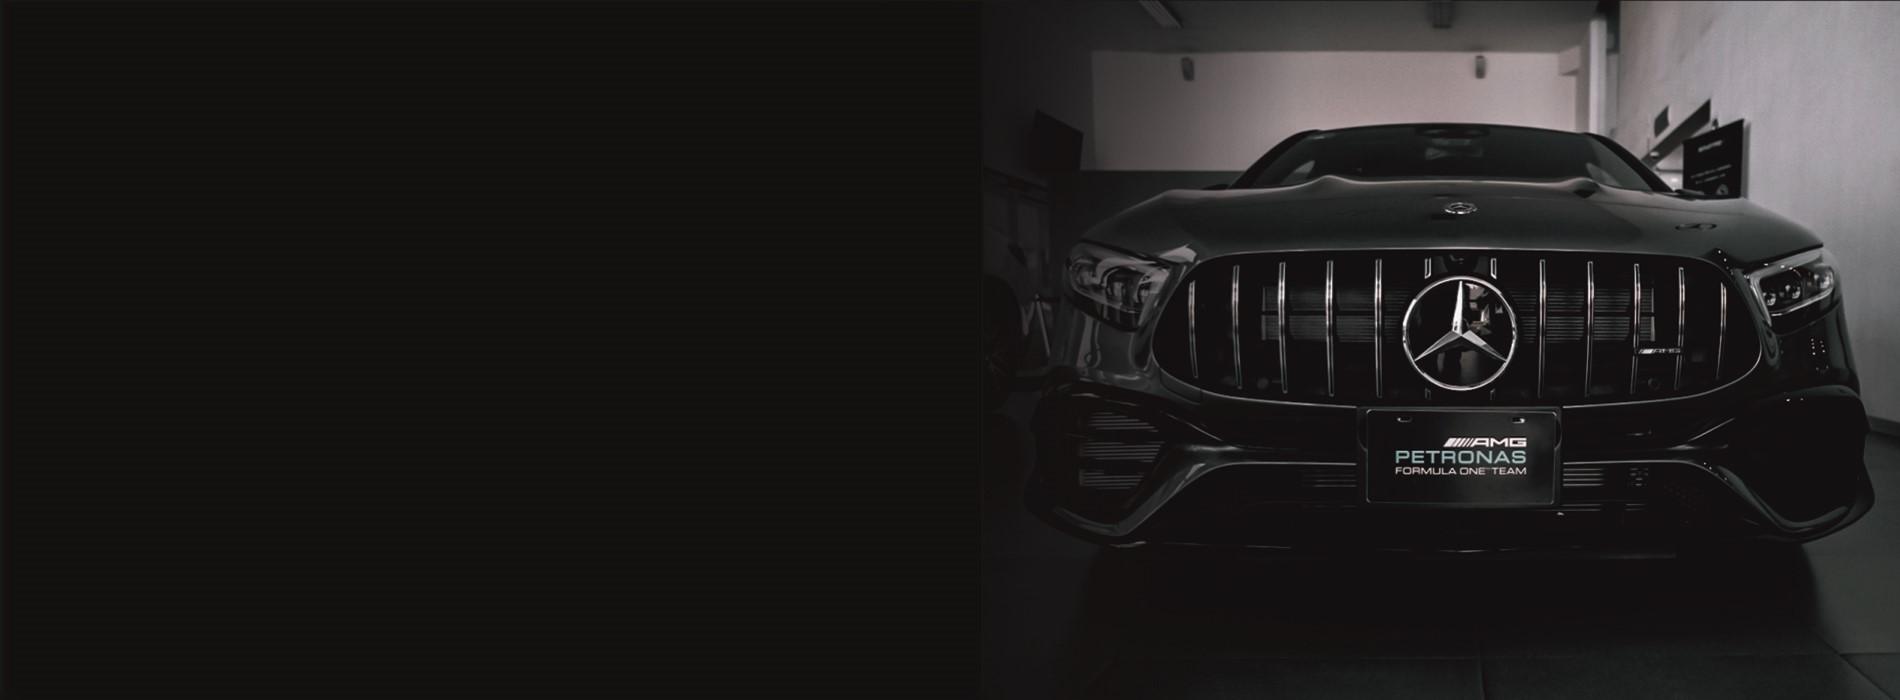 Mercedes-AMG A 45s Hatchback 2020